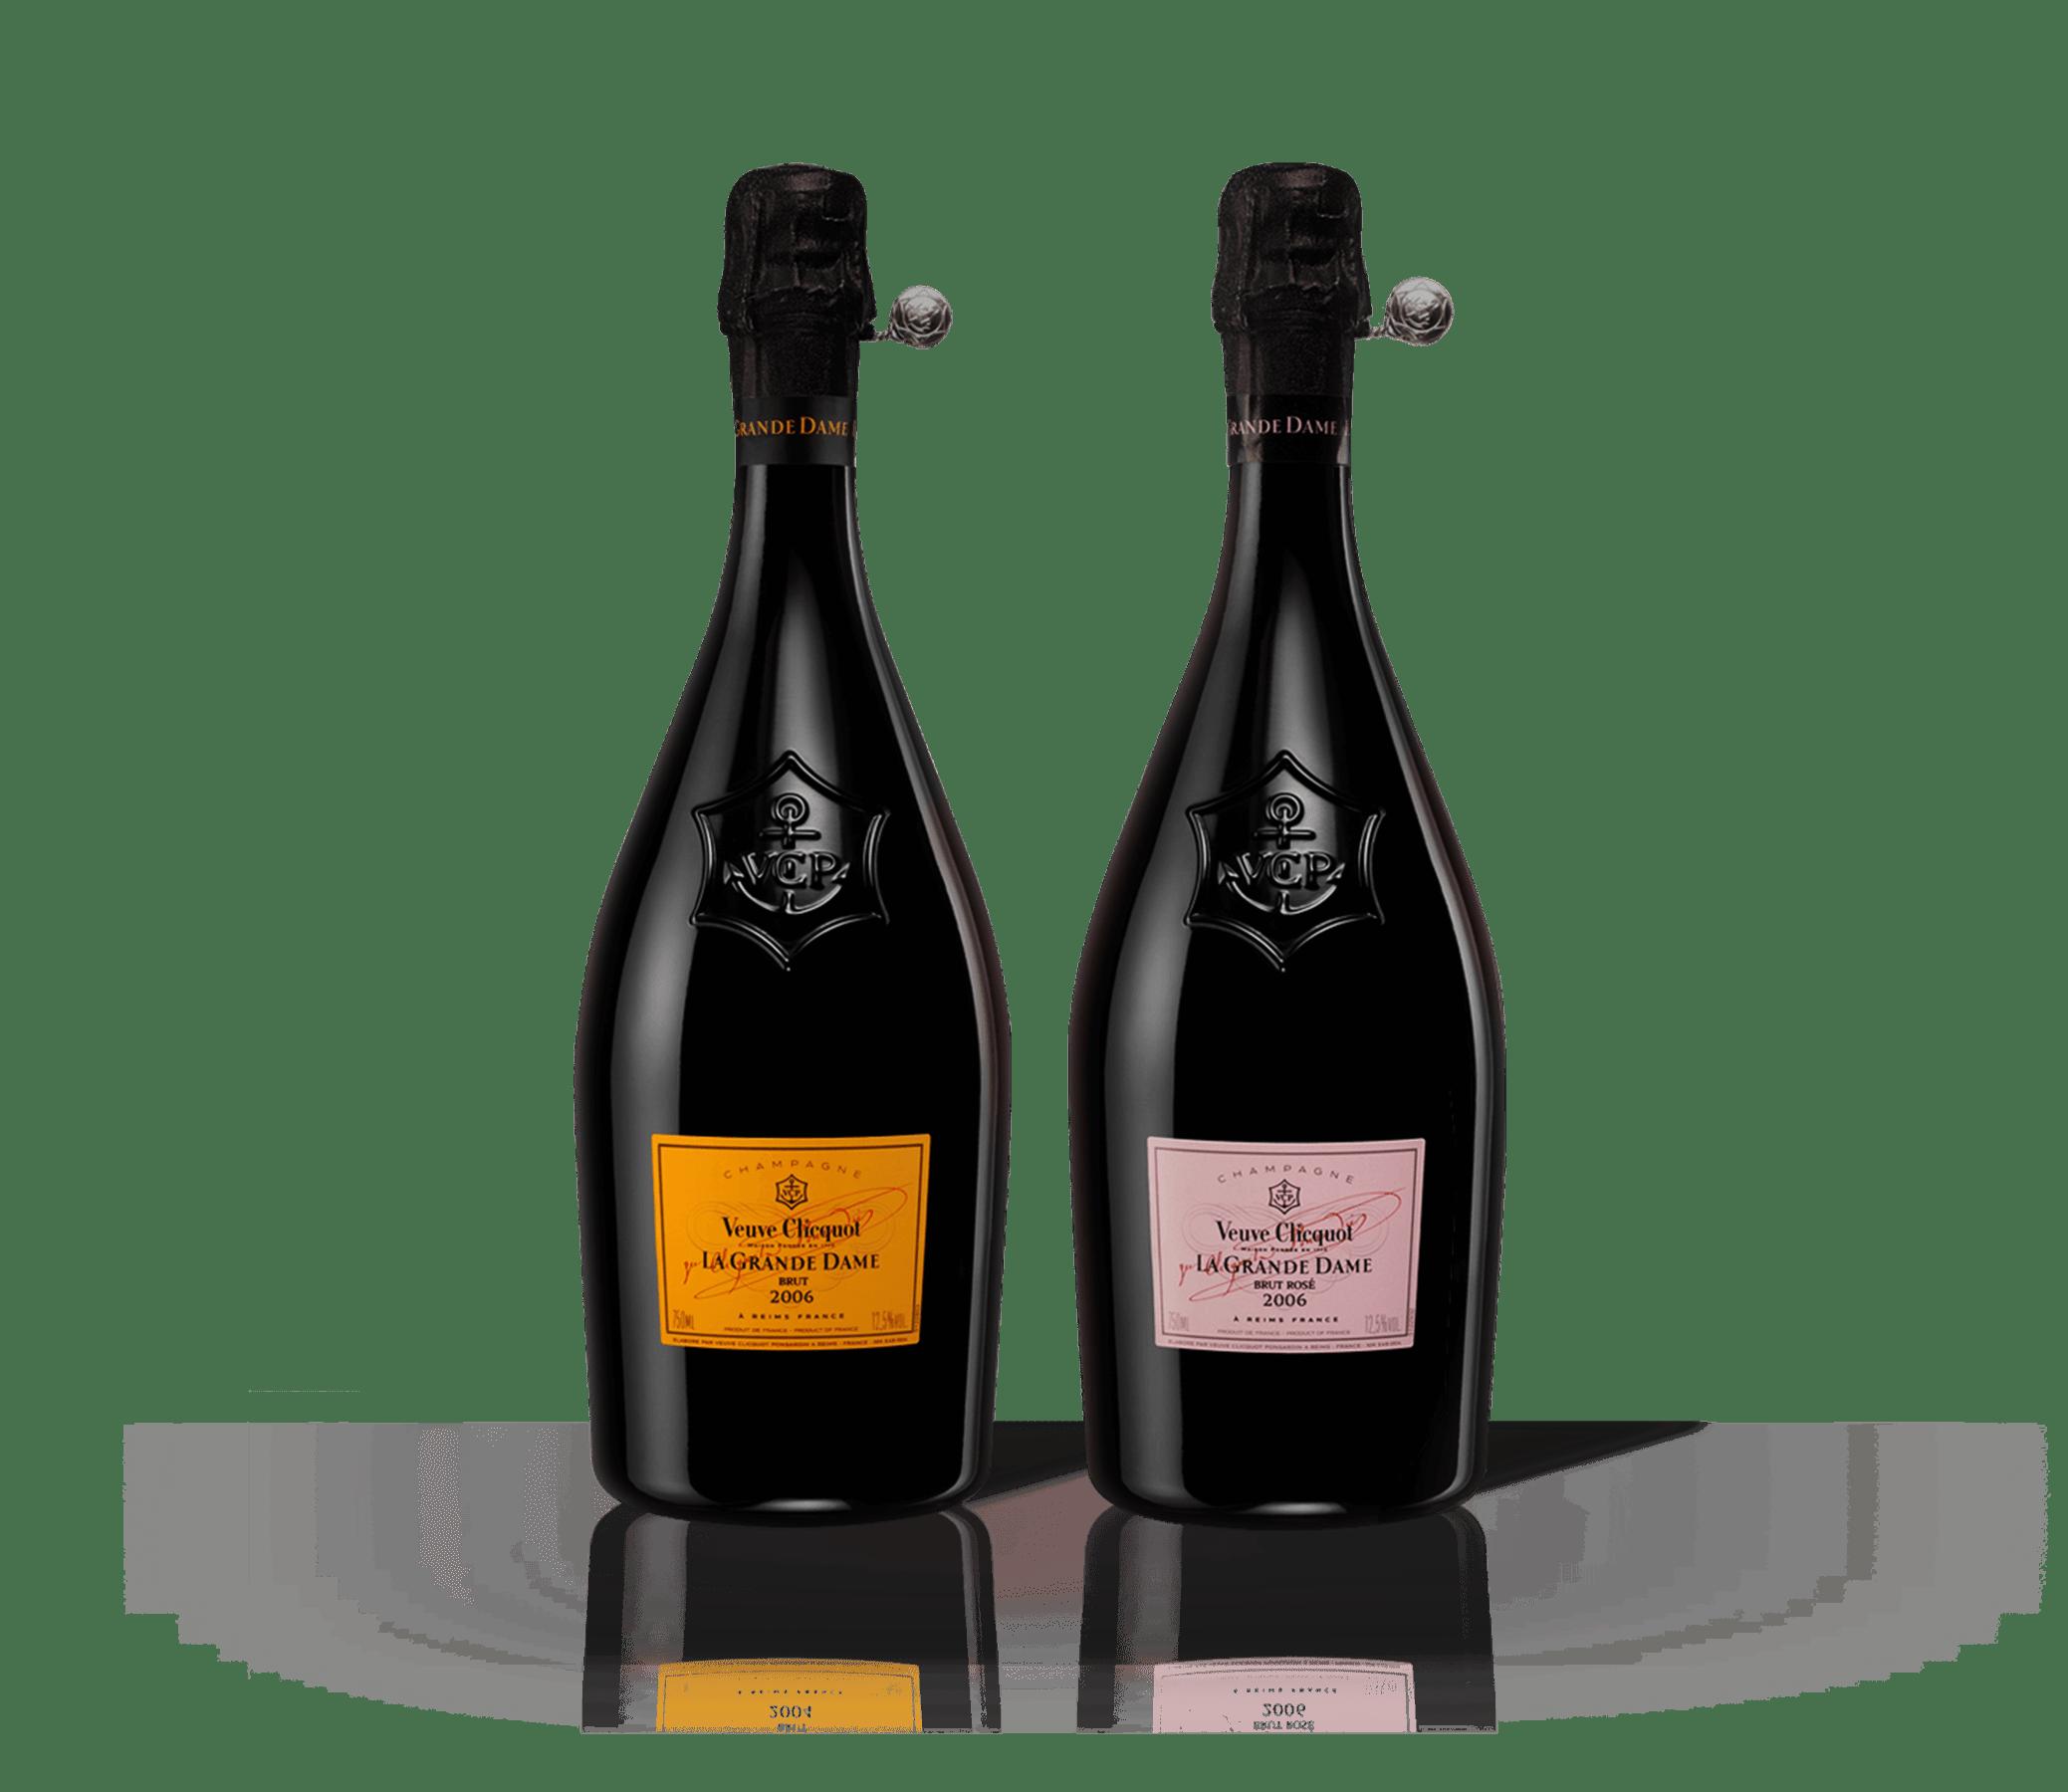 Botellas de champagne Veuve Clicquot La Grande Dame 2008